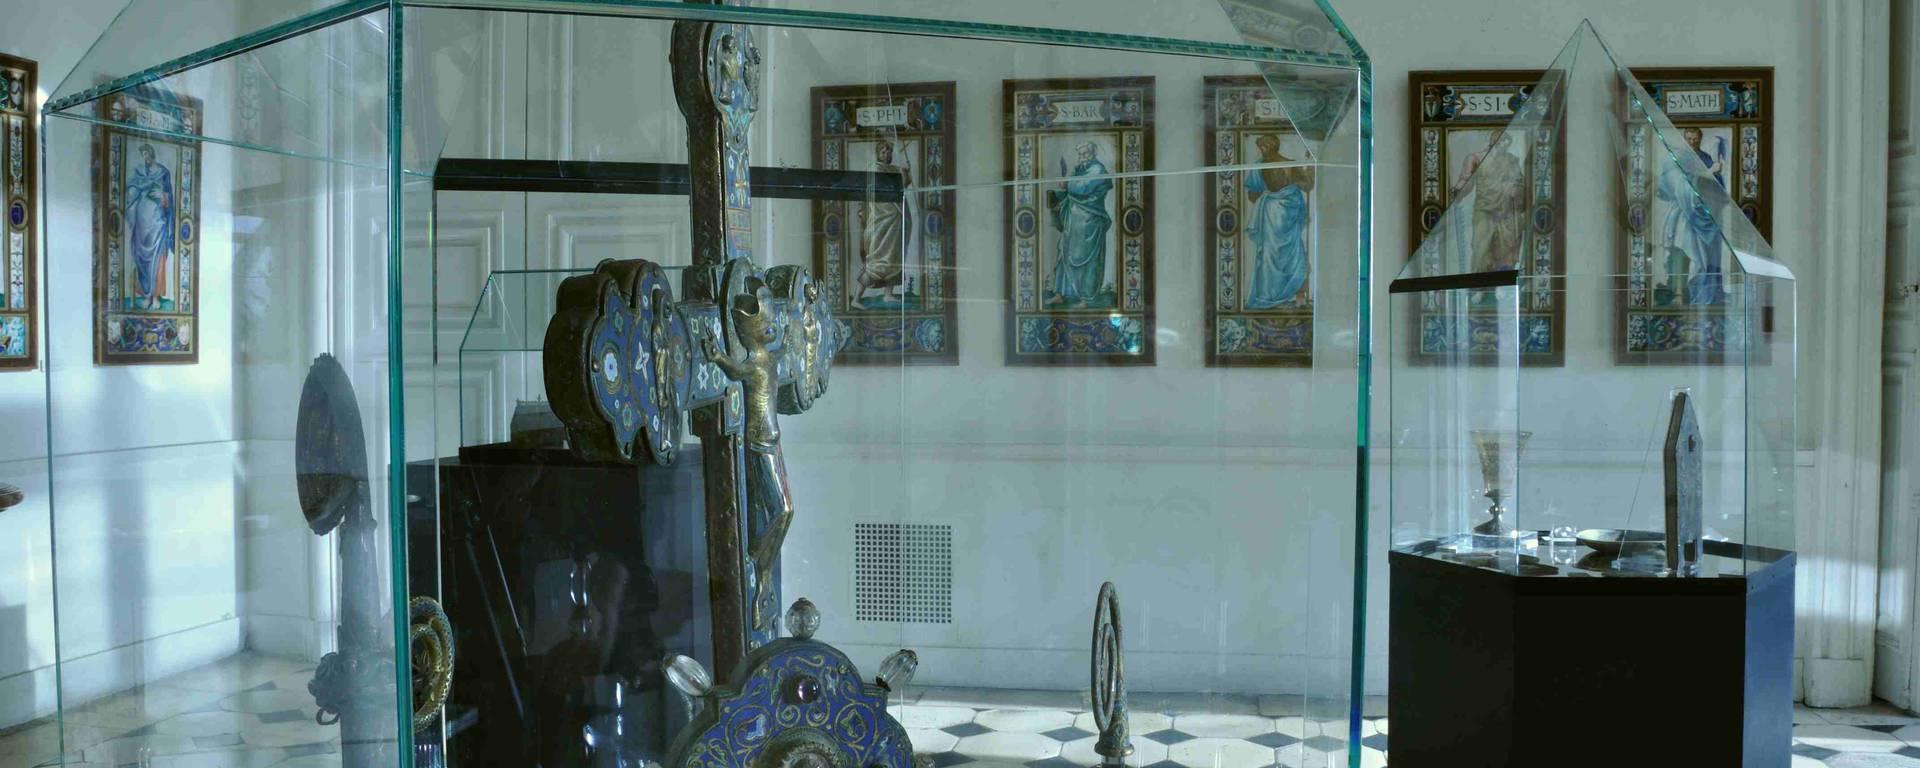 Les Emaux de Limosins au musée des Beaux-Arts de Chartres